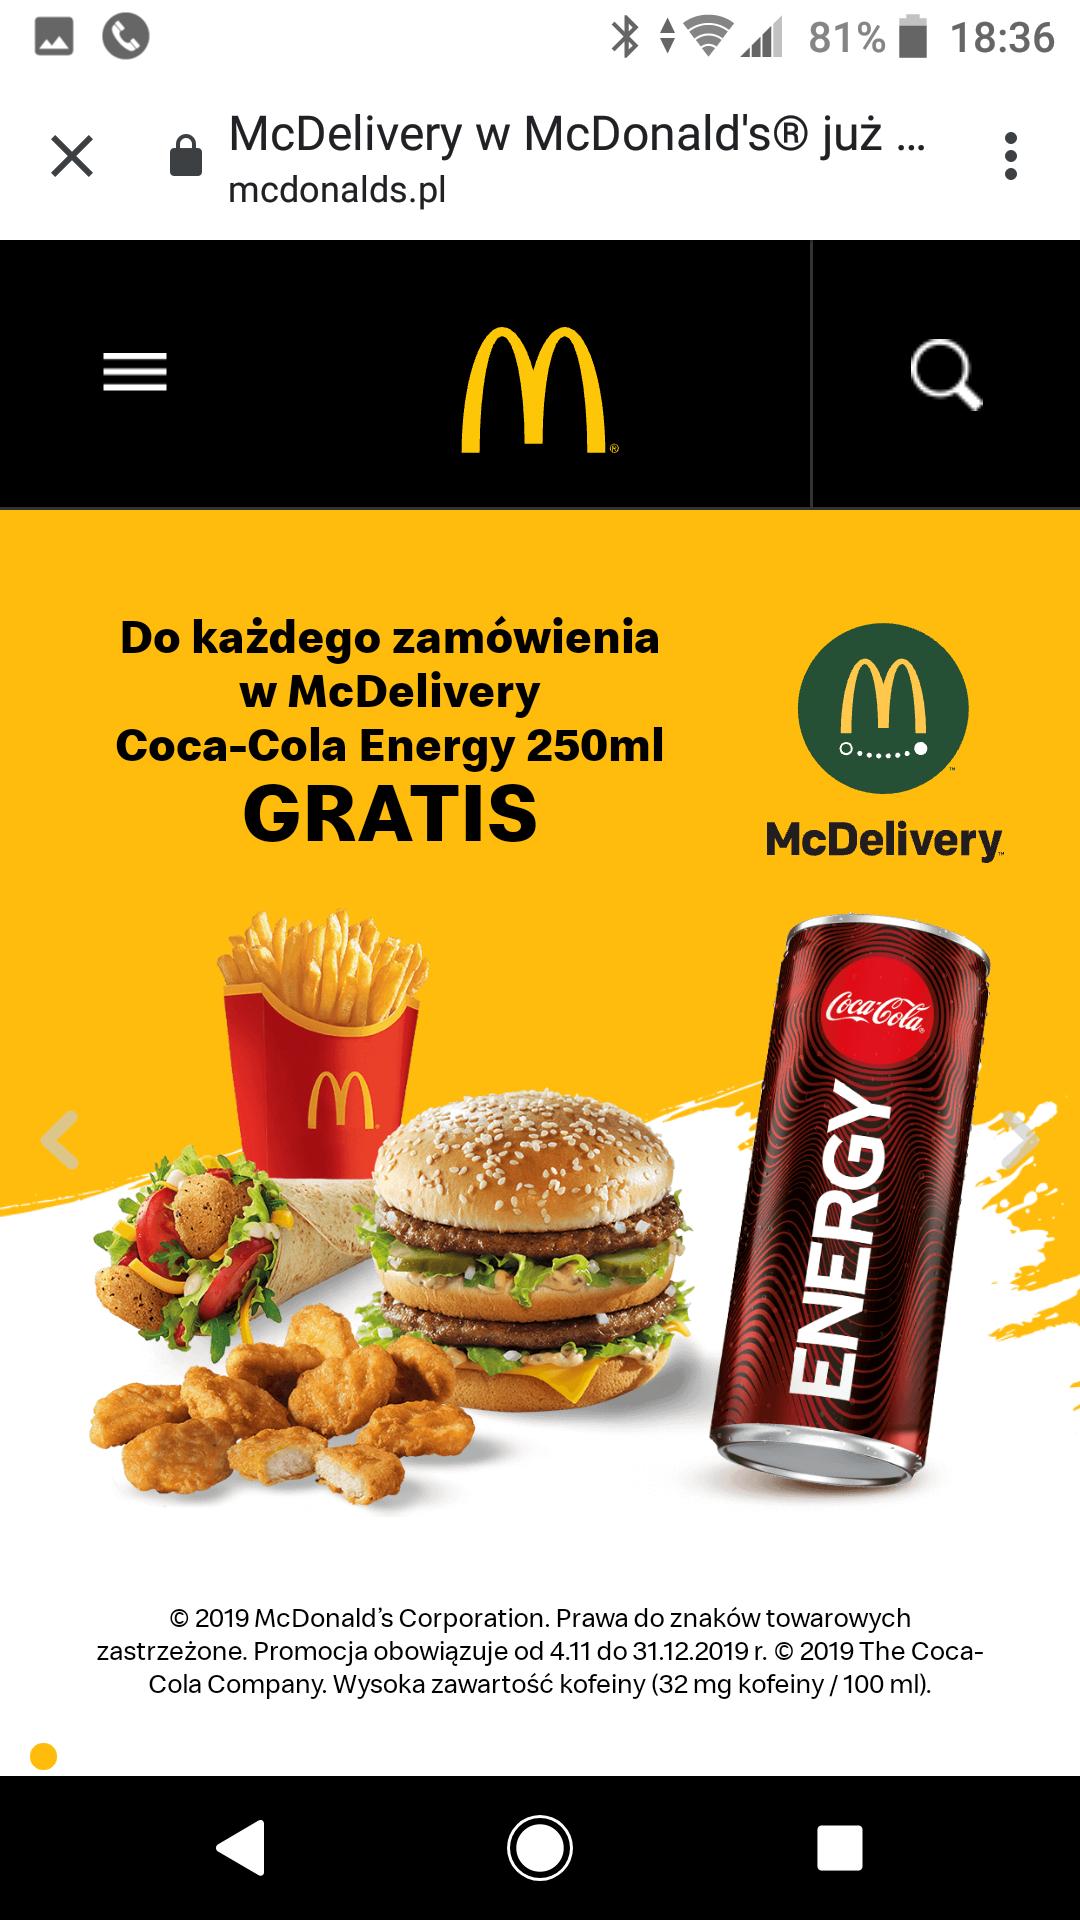 Do każdego zamówienia w Mc Delivery Coca cola energy 250ml Gratis